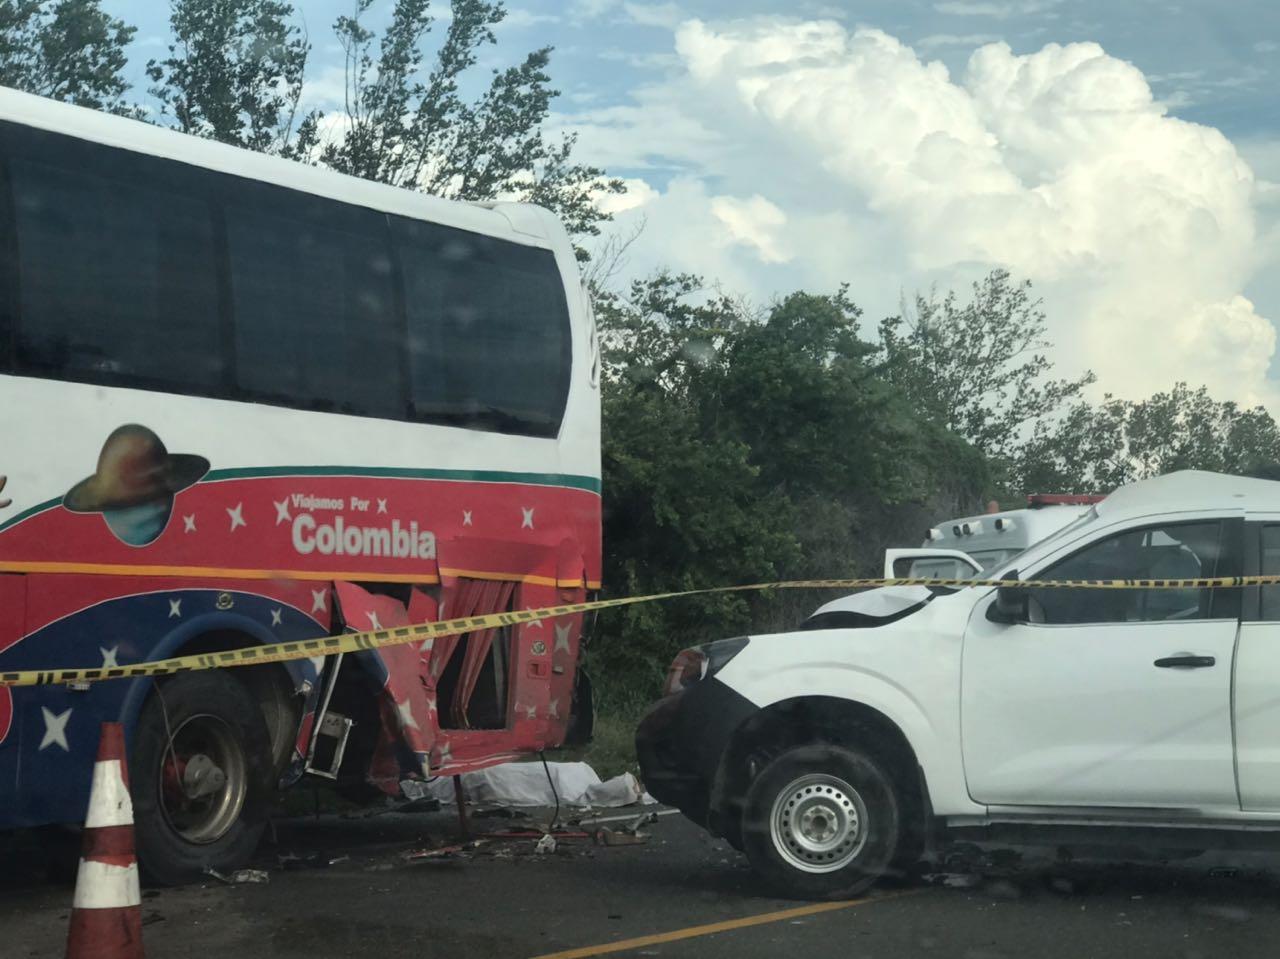 La camioneta impacto por detrás el bus y arroyó a la pasajera.